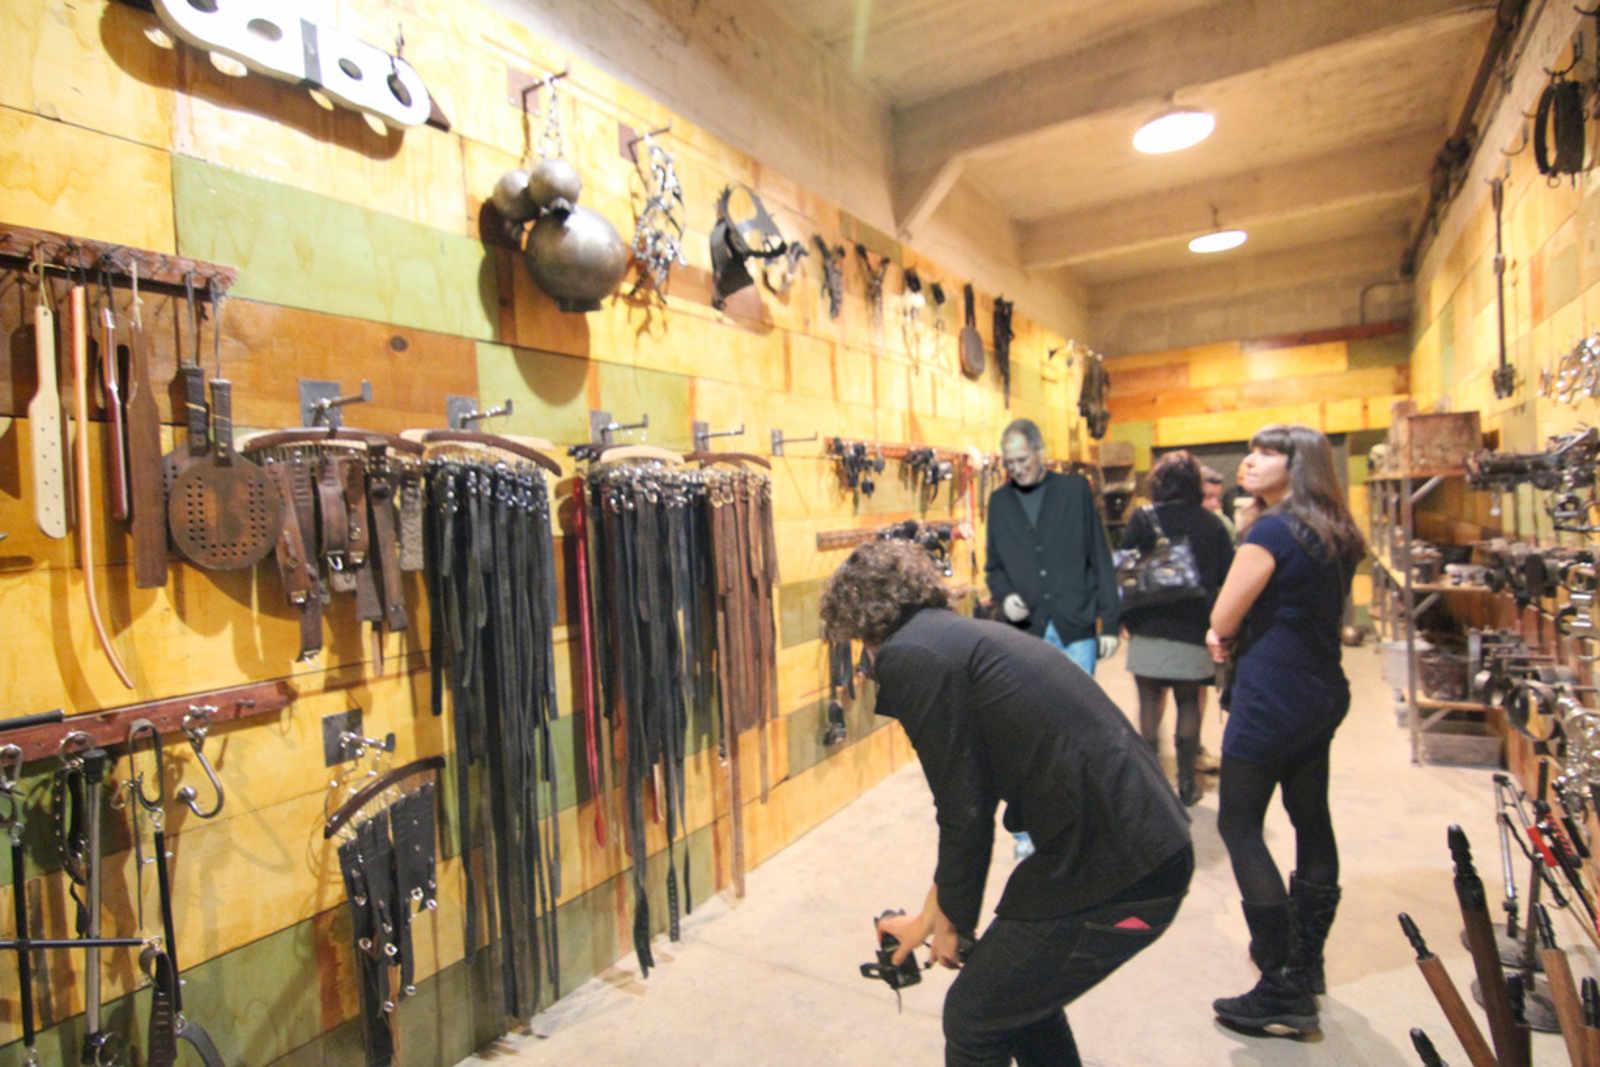 Steve Jobs Spotted Touring the Kink.com Armory | Uptown ...: http://uptownalmanac.com/2011/04/steve-jobs-spotted-touring-kinkcom-armory